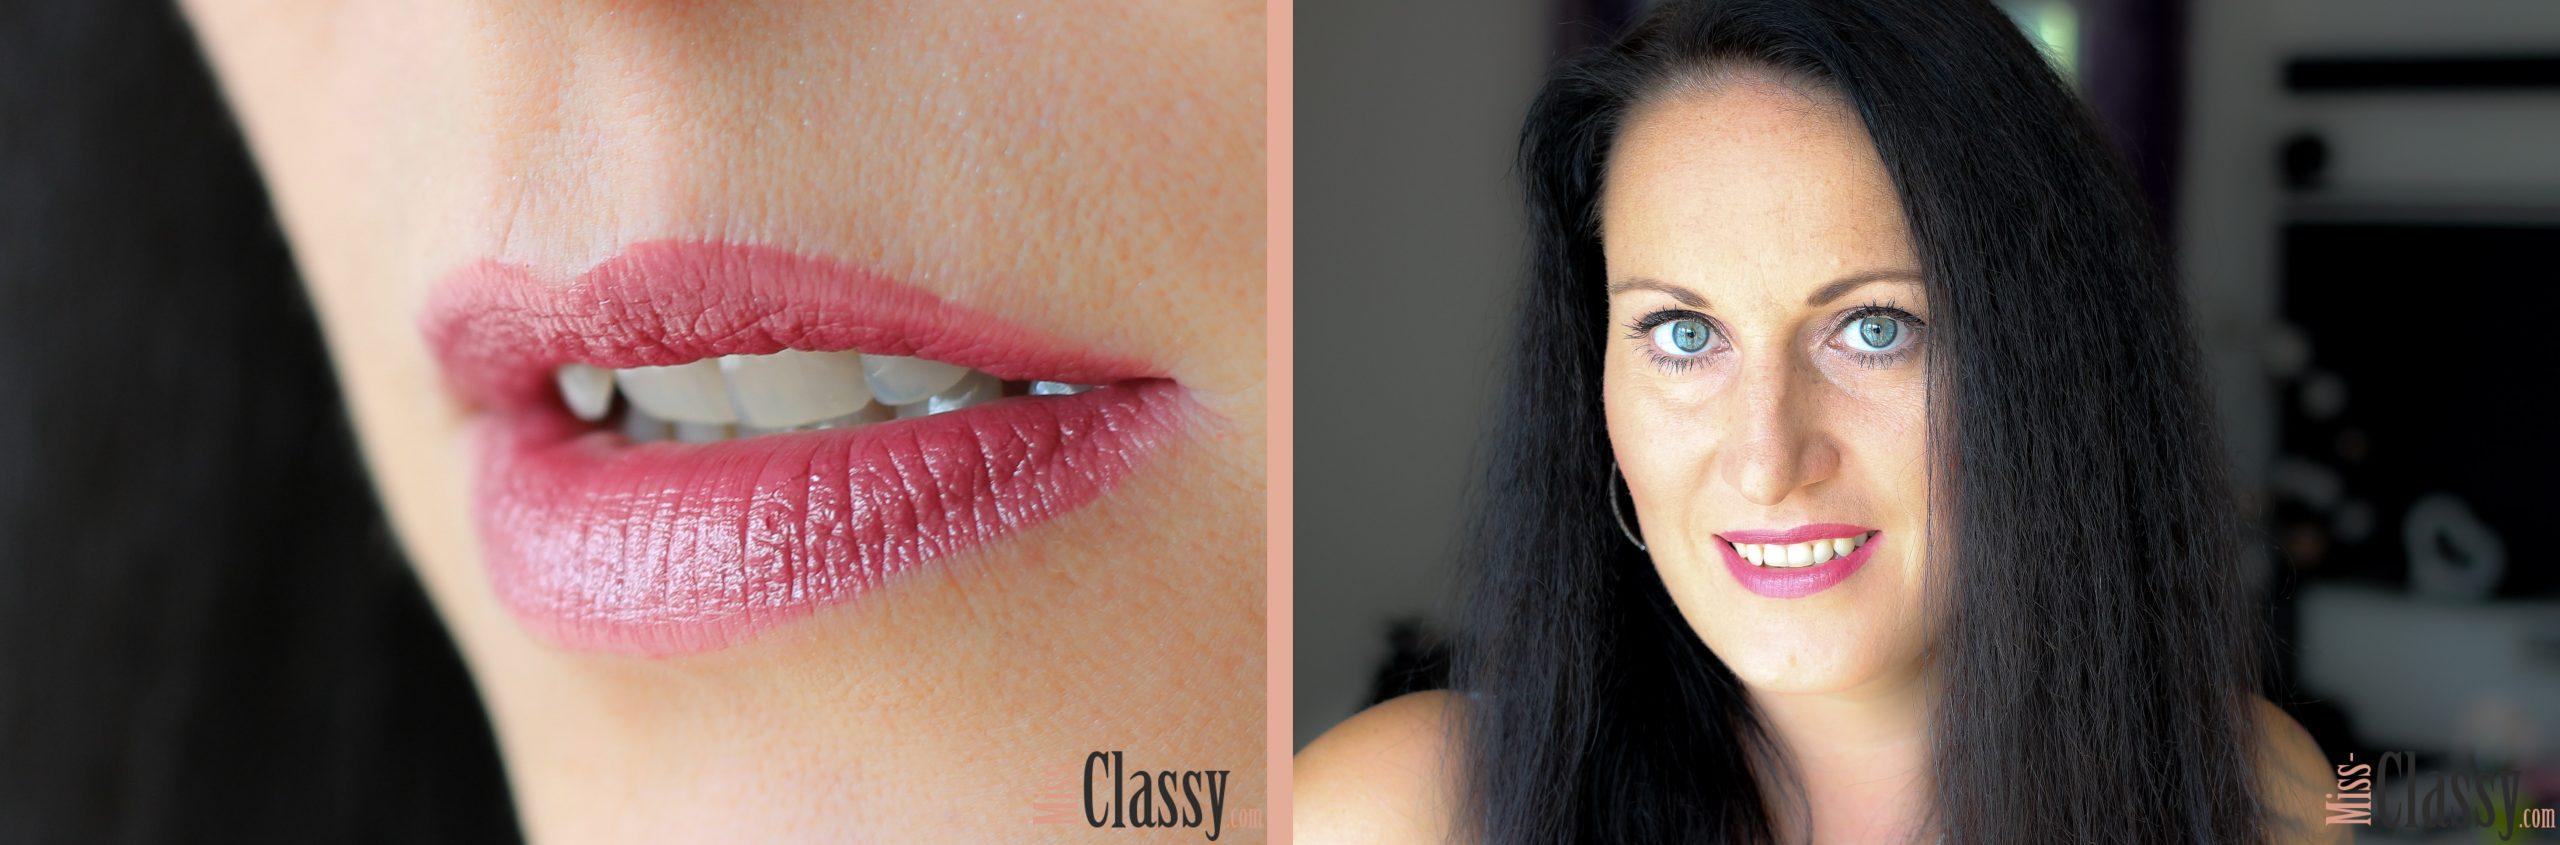 Herbstlippenstift - Meine 5 Favoriten - YSL Rose Stiletto Rouge Pur Couture